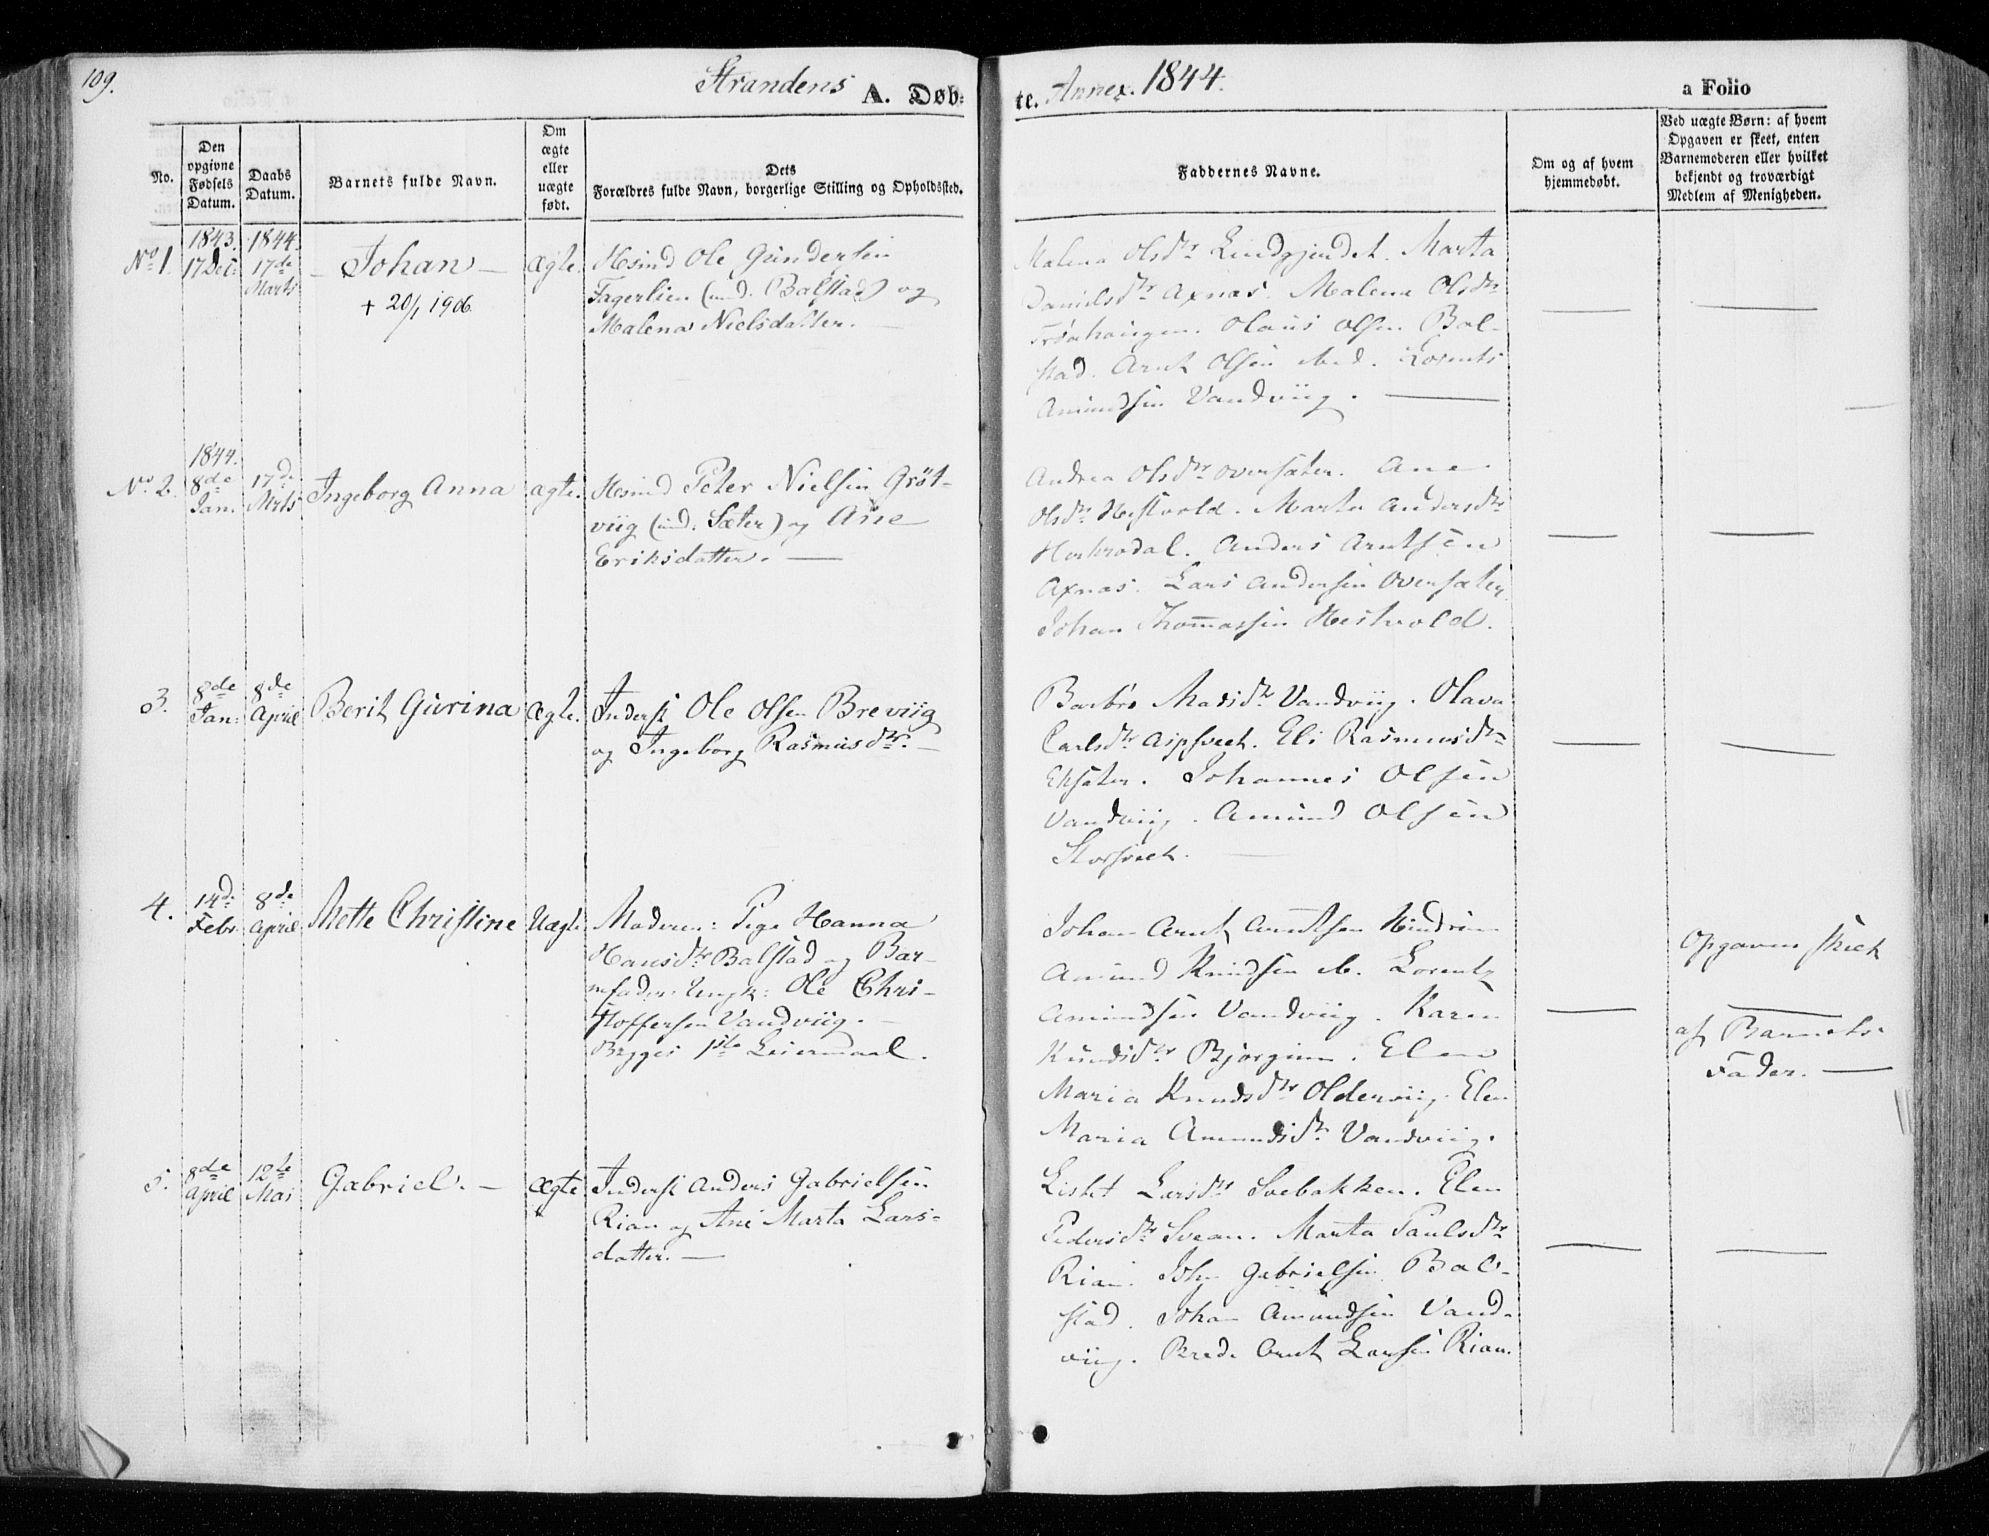 SAT, Ministerialprotokoller, klokkerbøker og fødselsregistre - Nord-Trøndelag, 701/L0007: Ministerialbok nr. 701A07 /2, 1842-1854, s. 109